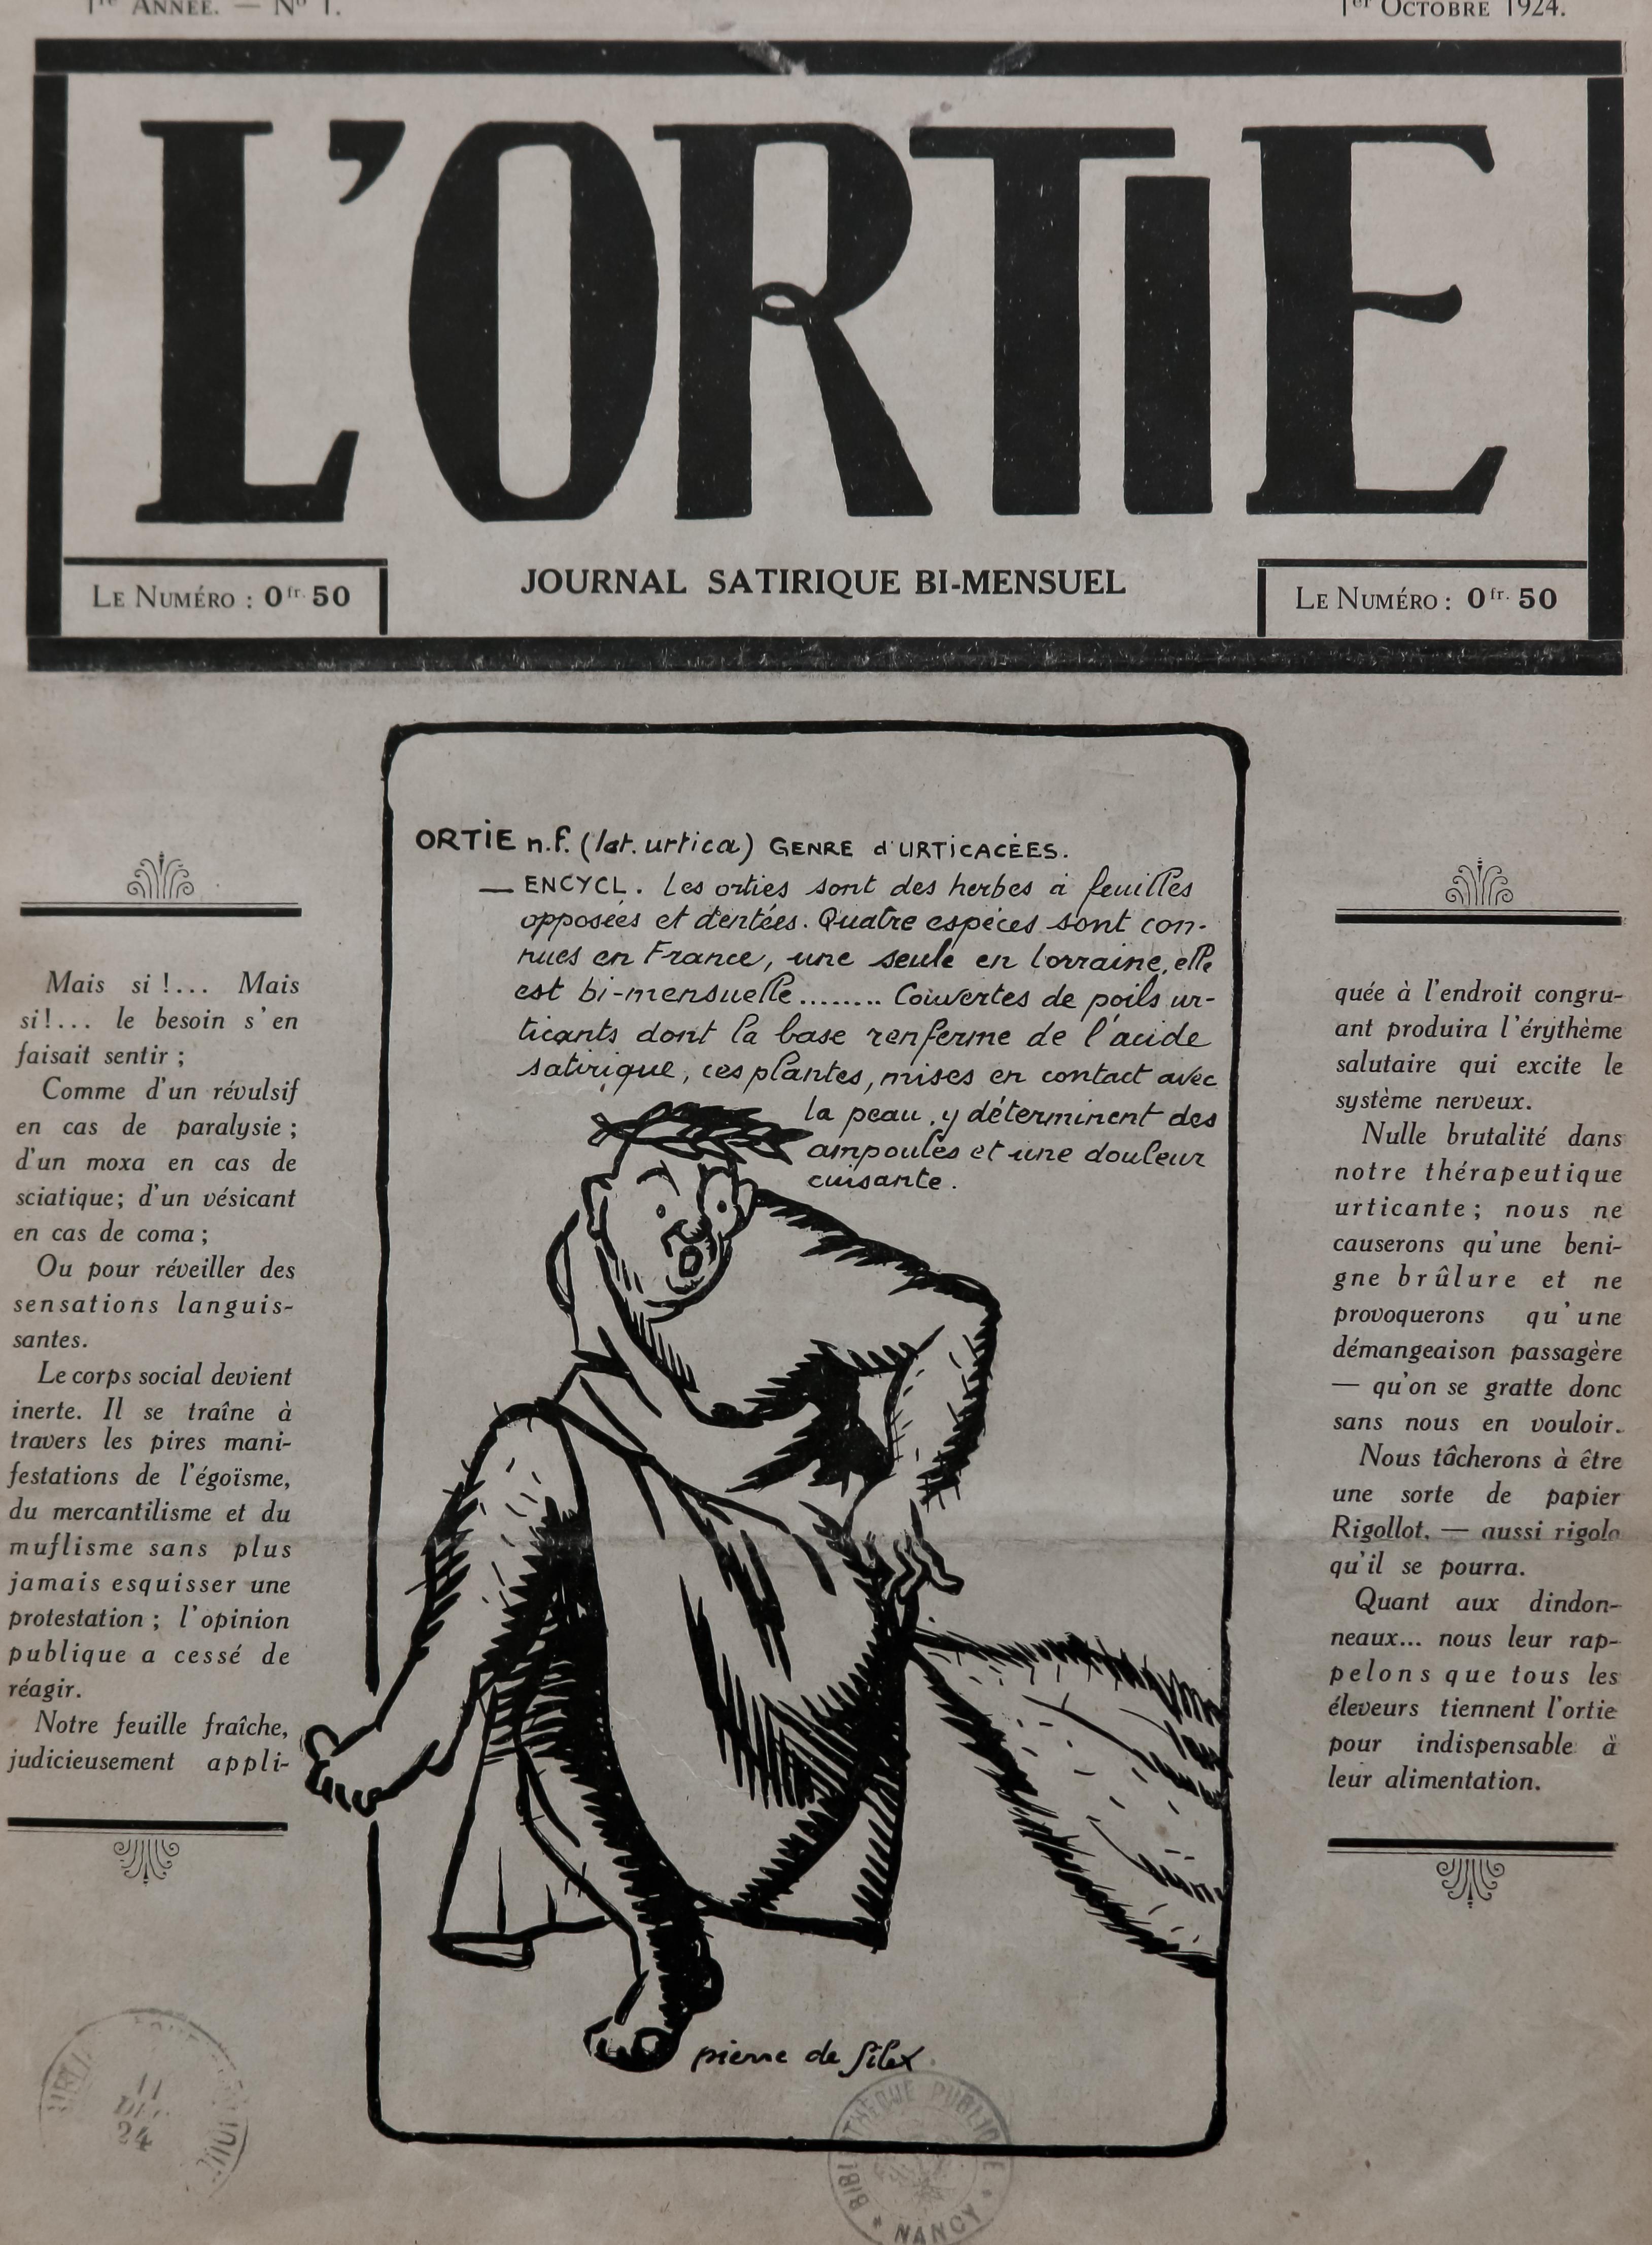 Contenu du L'ortie : No. 1, p. 1